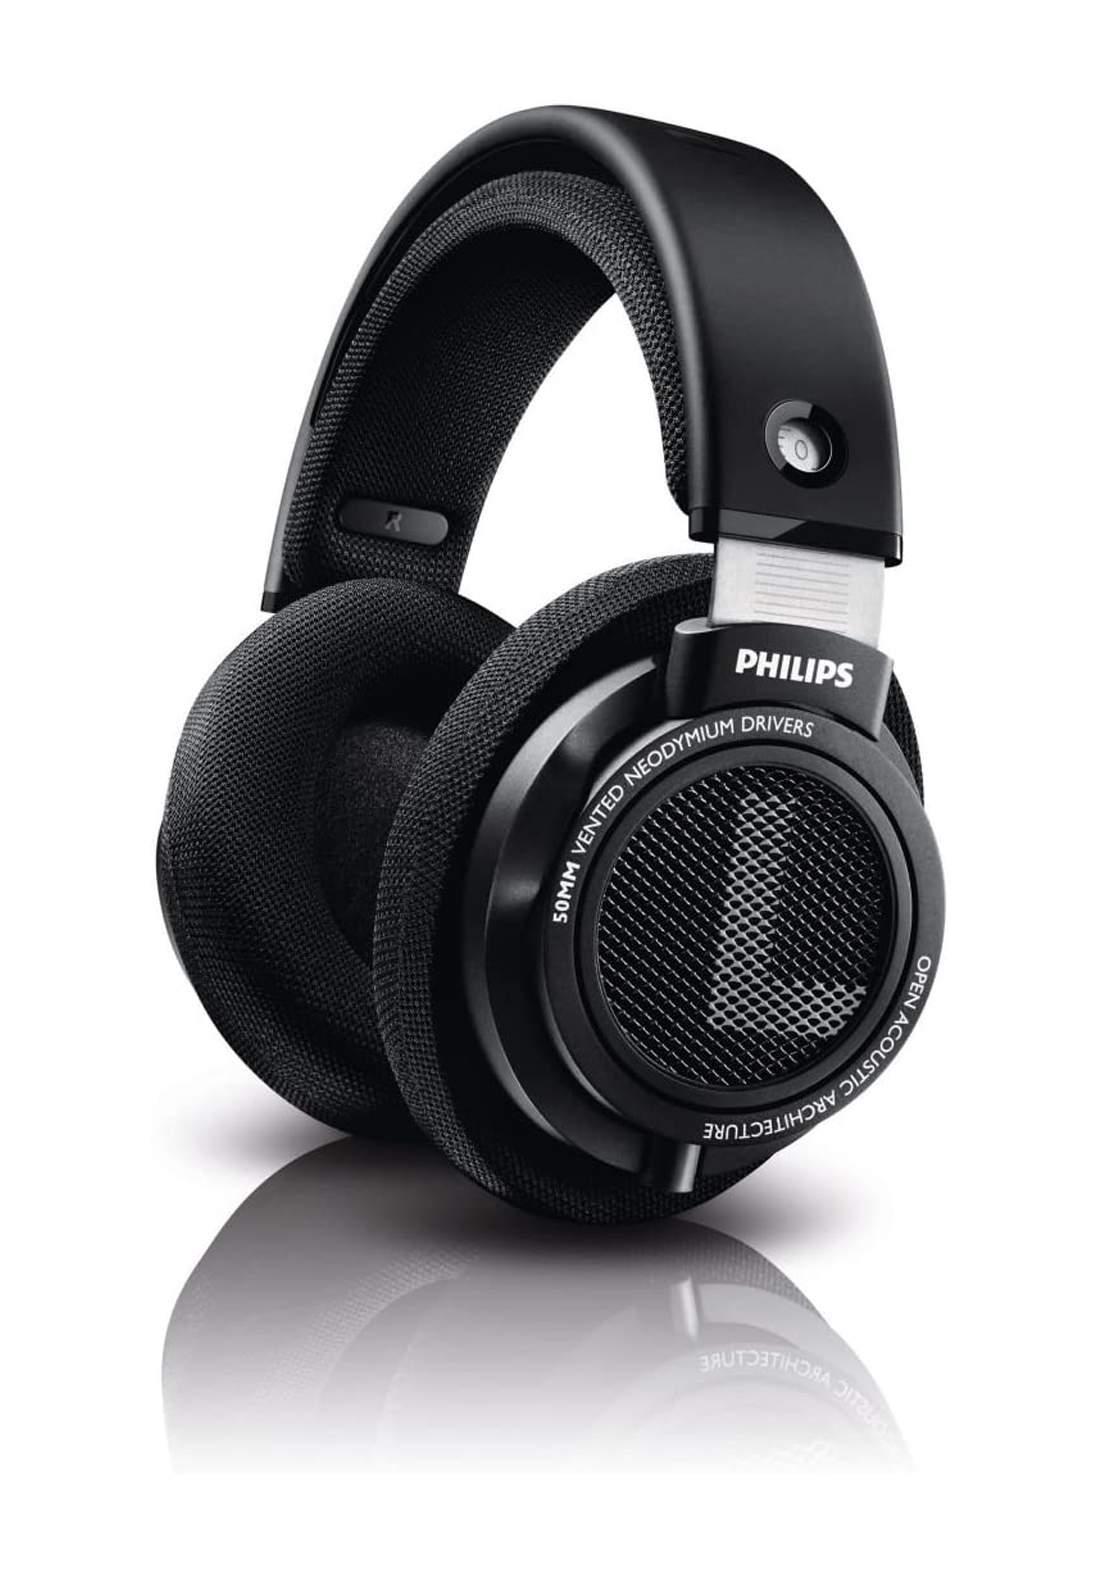 Philips SHP9500 HiFi Stereo Over-Ear Open-Back Headphones  - Black سماعة